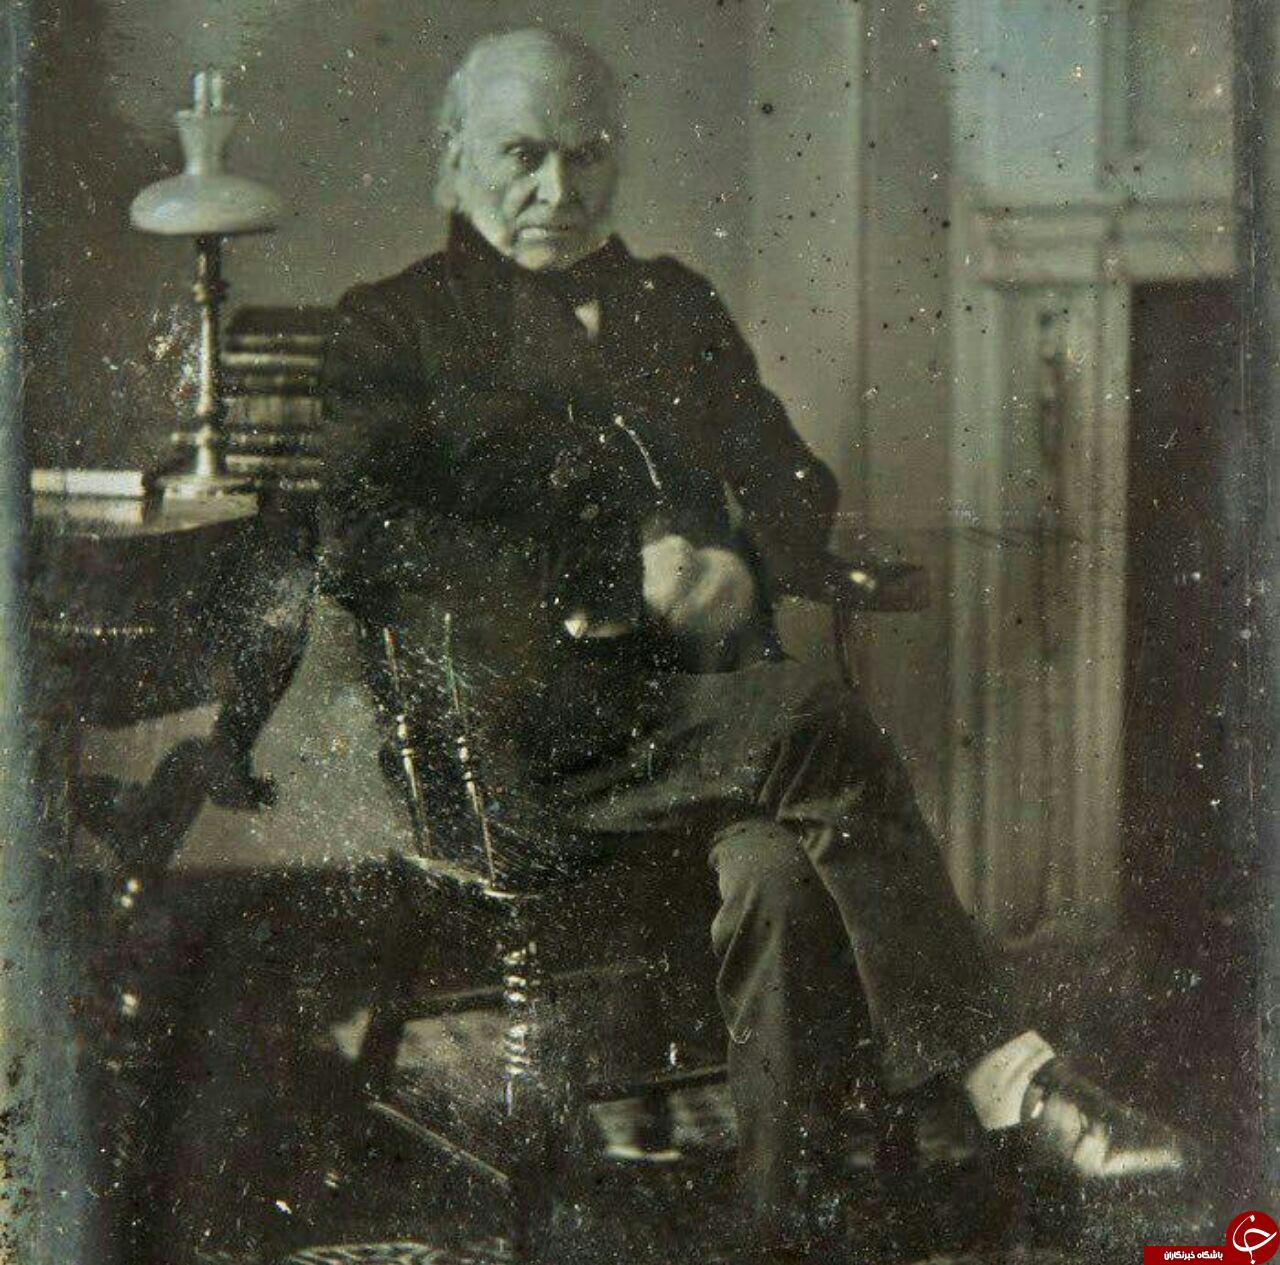 قدیمیترین عکس از یک رئیس جمهور آمریکا